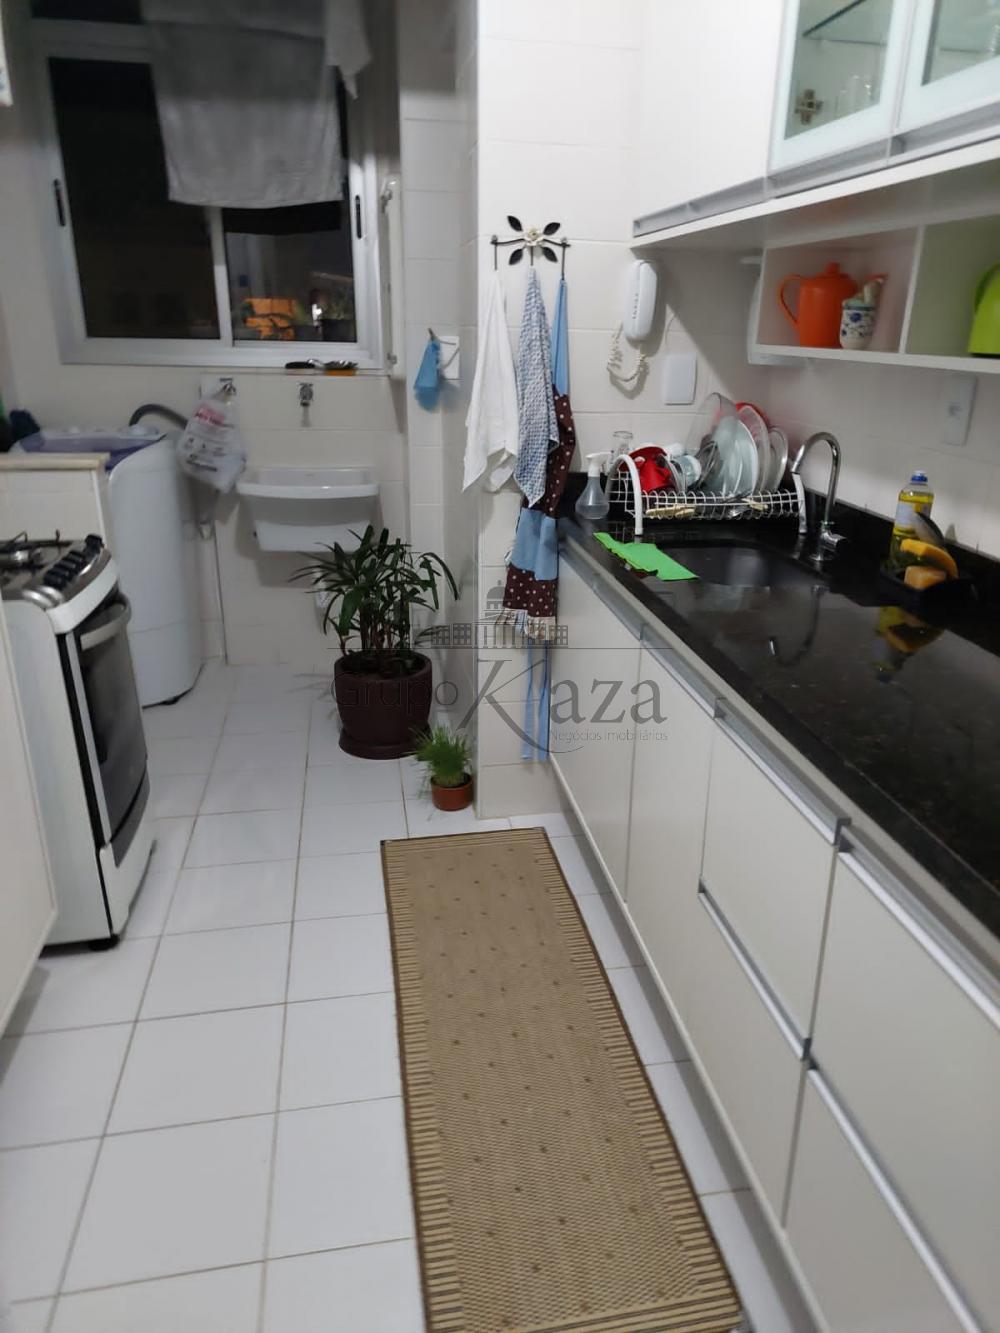 alt='Comprar Apartamento / Padrão em São José dos Campos R$ 420.000,00 - Foto 5' title='Comprar Apartamento / Padrão em São José dos Campos R$ 420.000,00 - Foto 5'